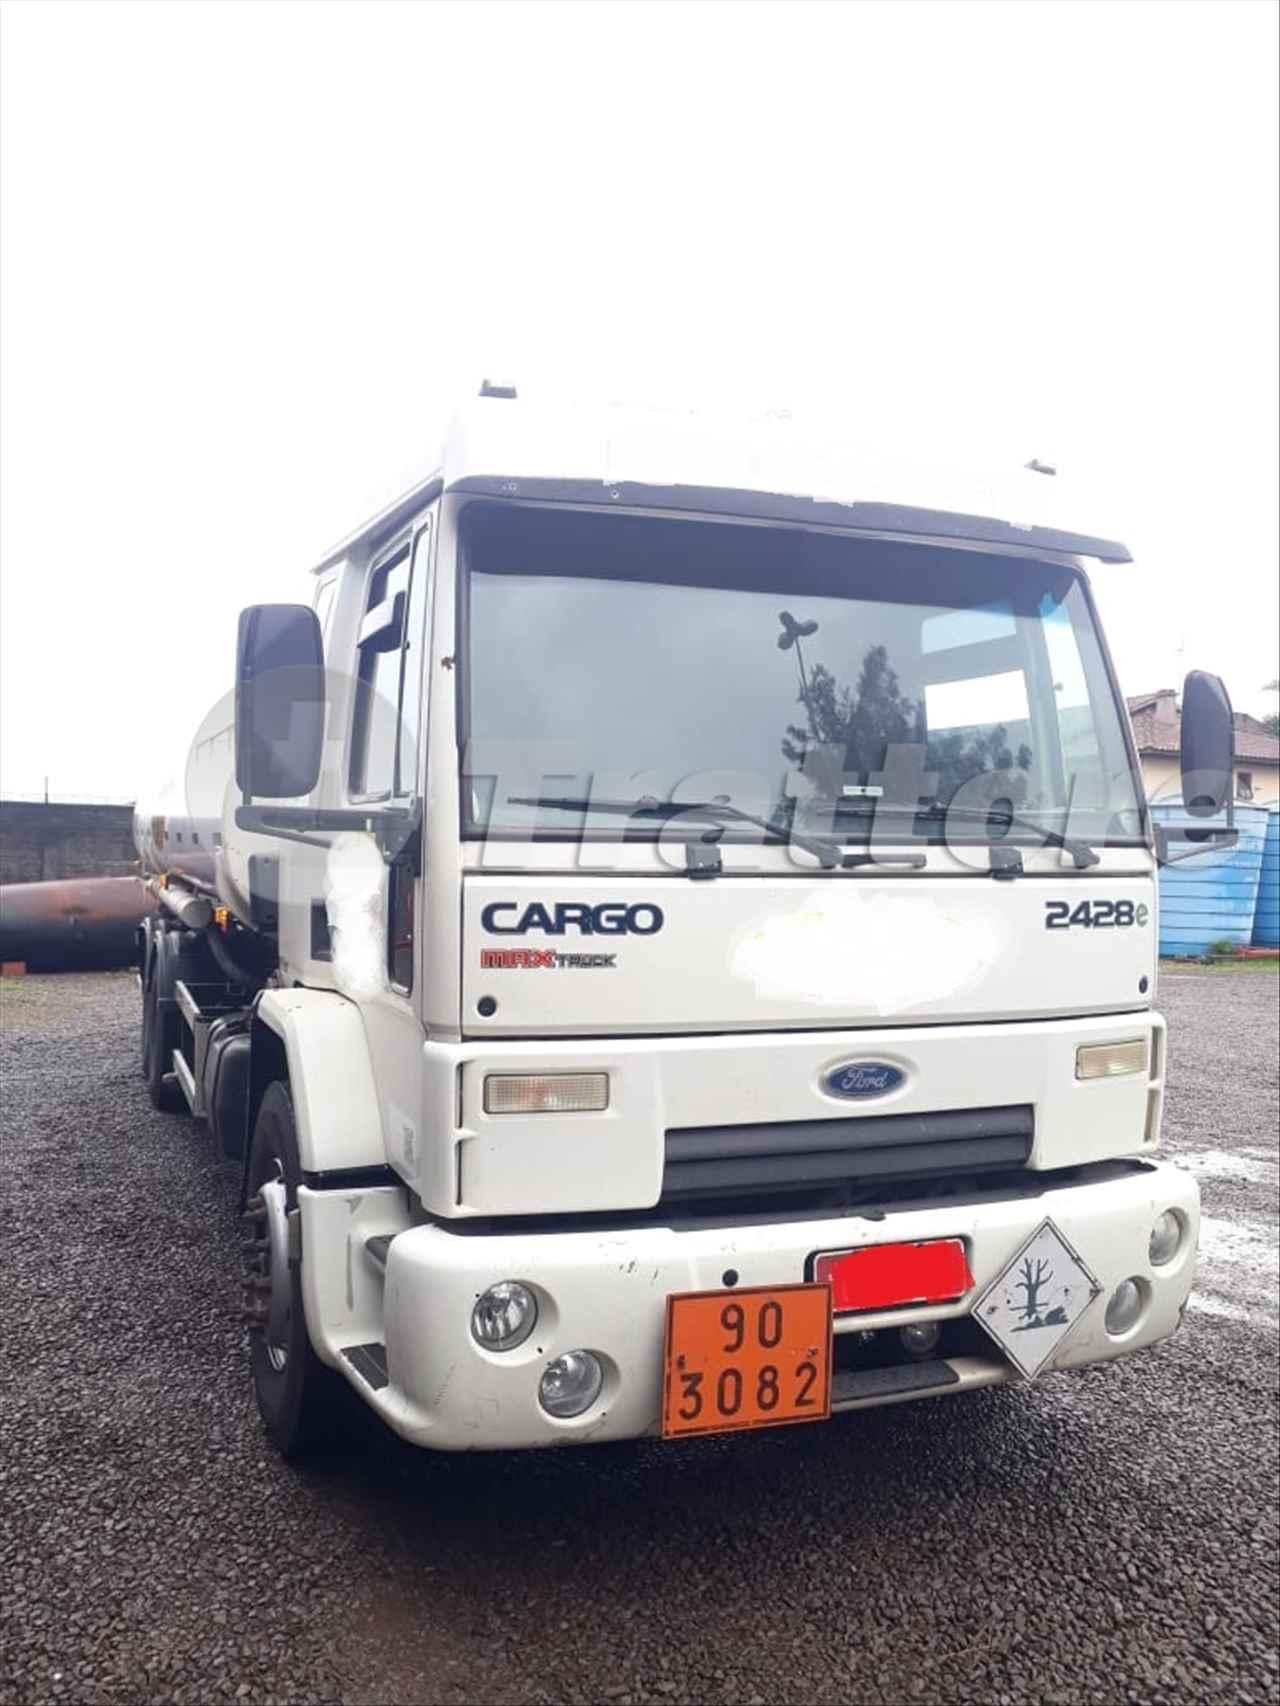 CAMINHAO FORD CARGO 2428 Tanque Aço Truck 6x2 Trattore Máquinas e Implementos SERTAO RIO GRANDE DO SUL RS